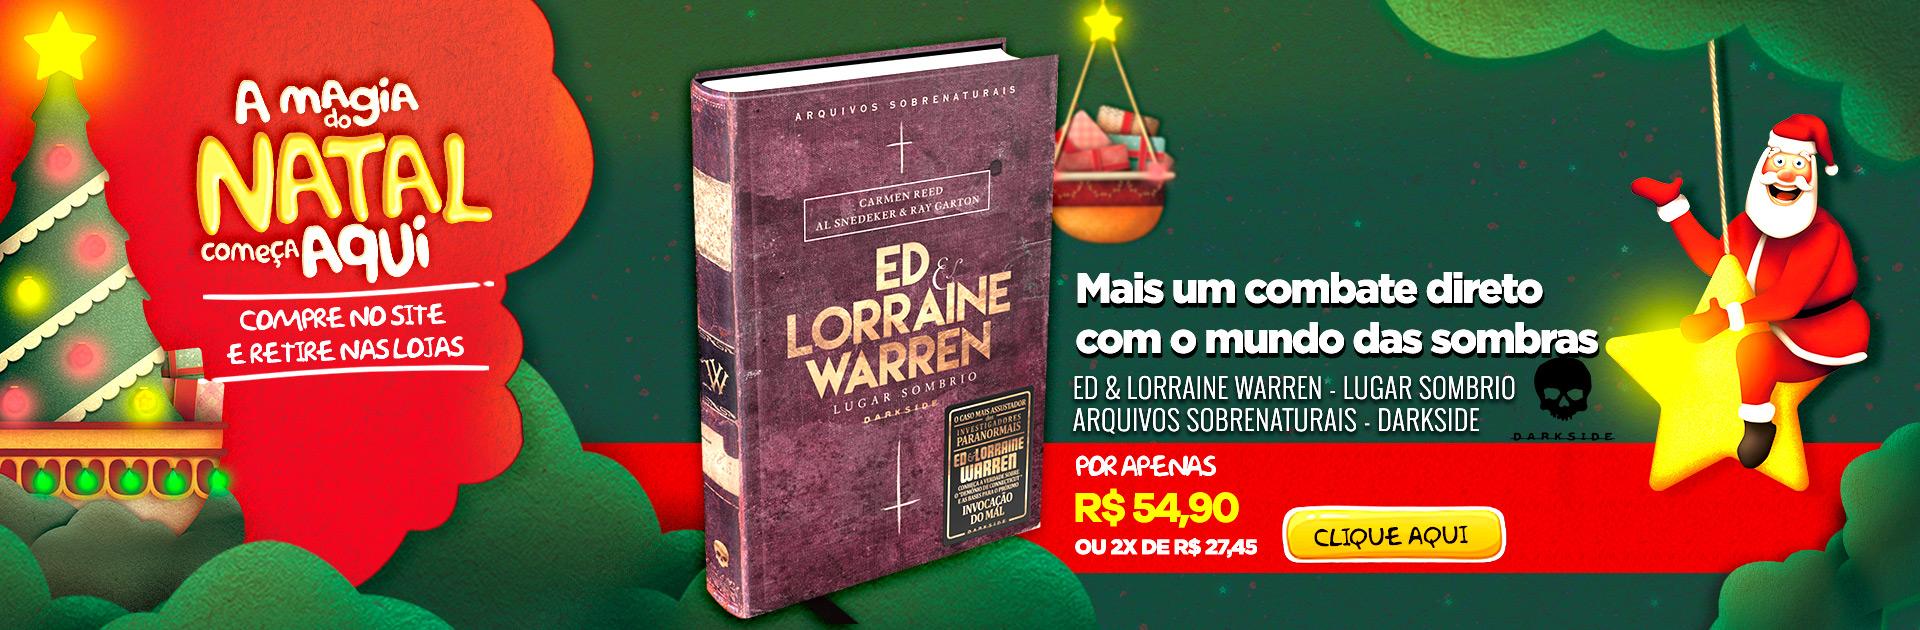 Natal - Ed & Lorraine Warren